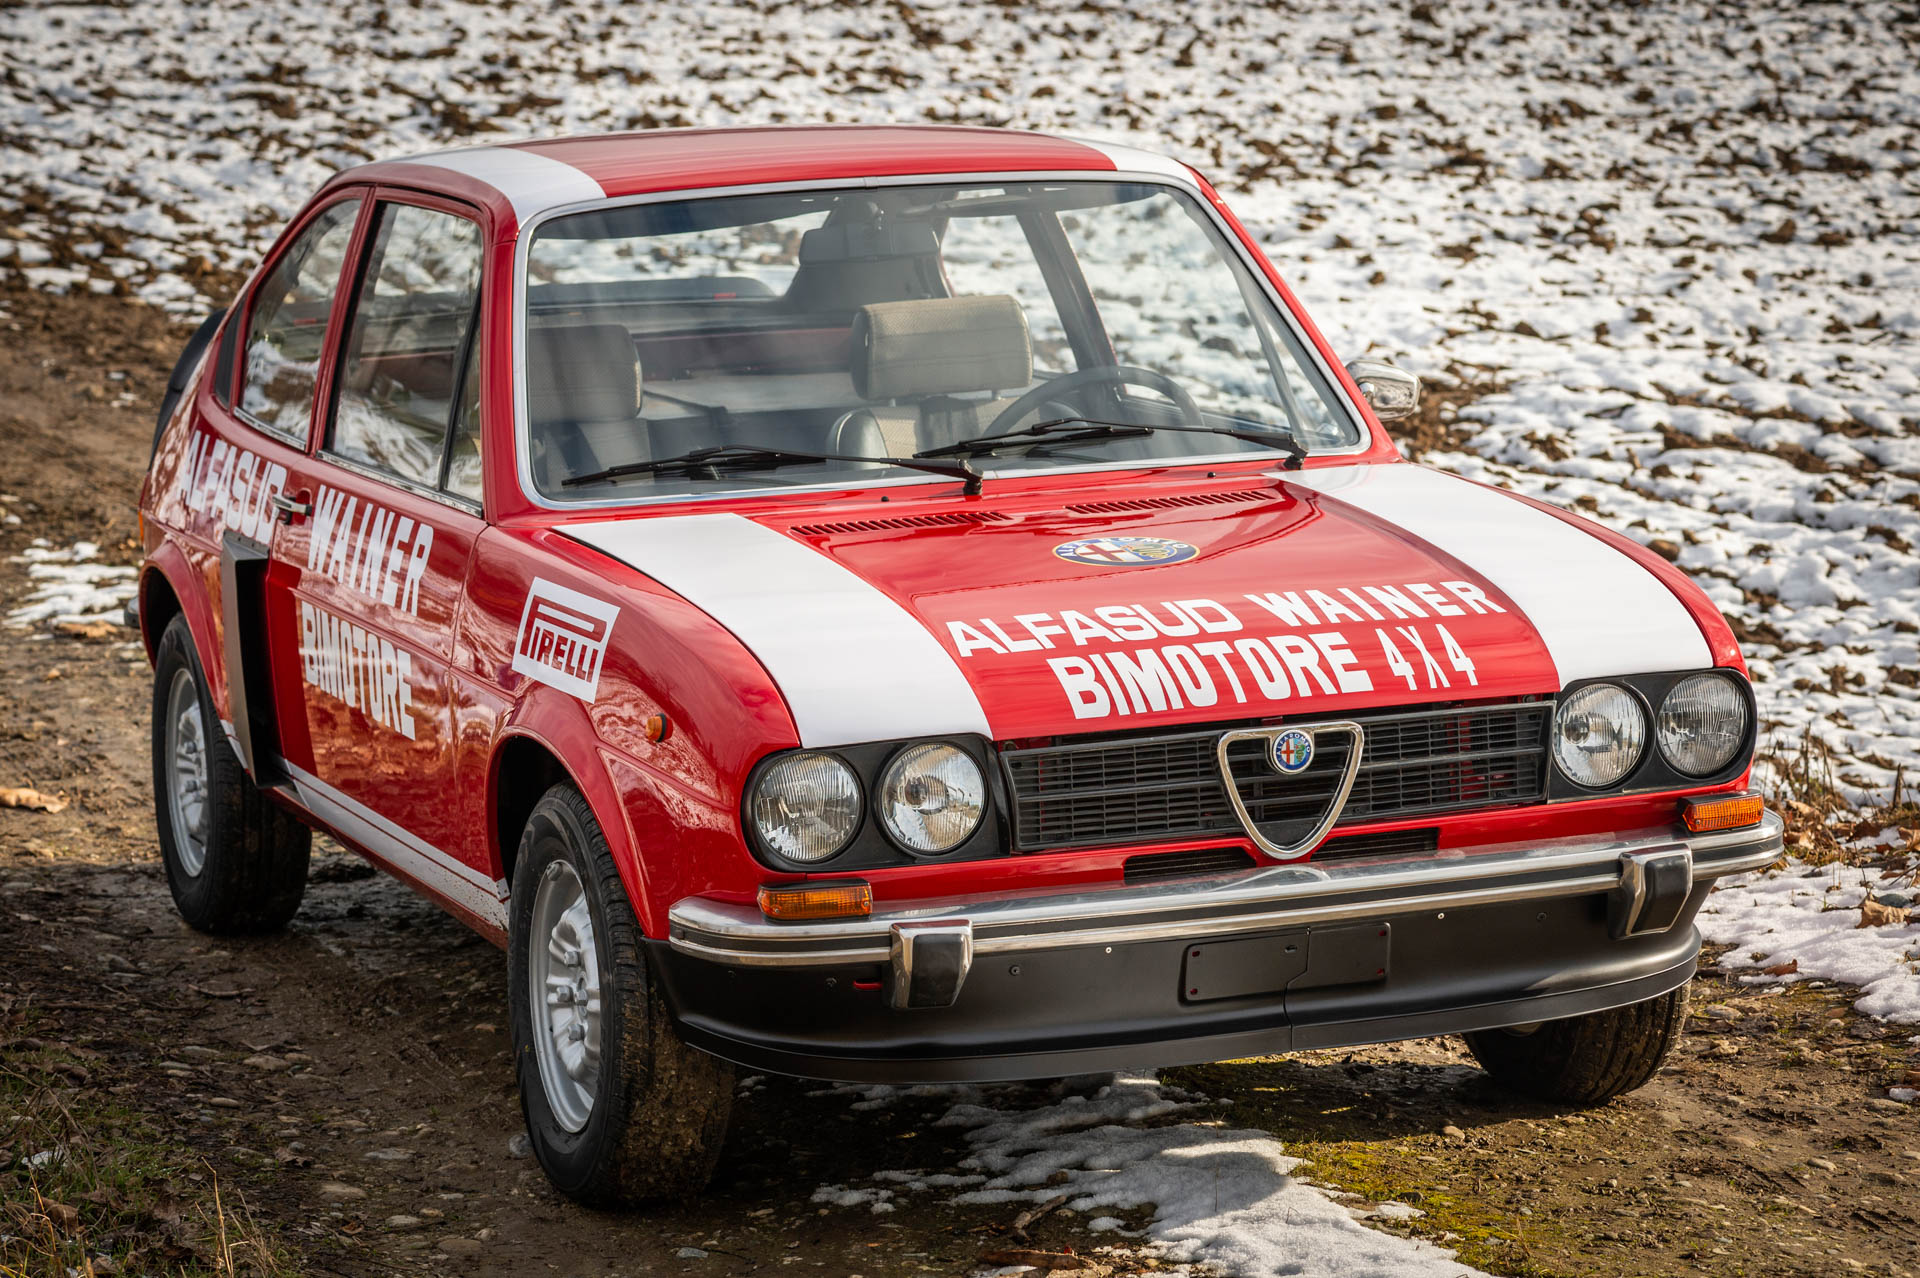 Alfa-Romeo-Alfasud-Wainer-Bimotore-1974b